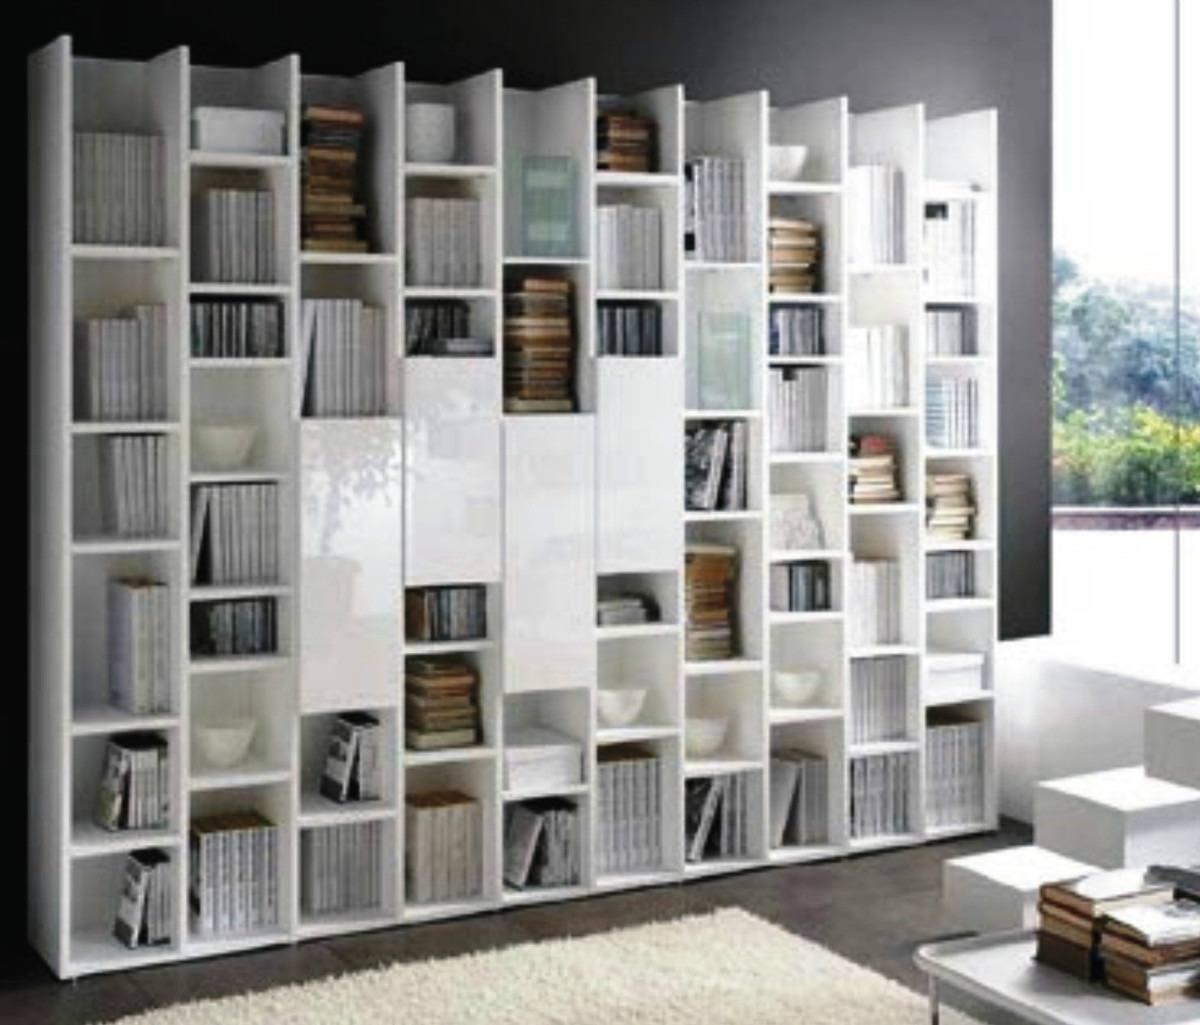 Dise o bibliotecas fotos modelo blanco moderno - Archivadores leroy merlin ...